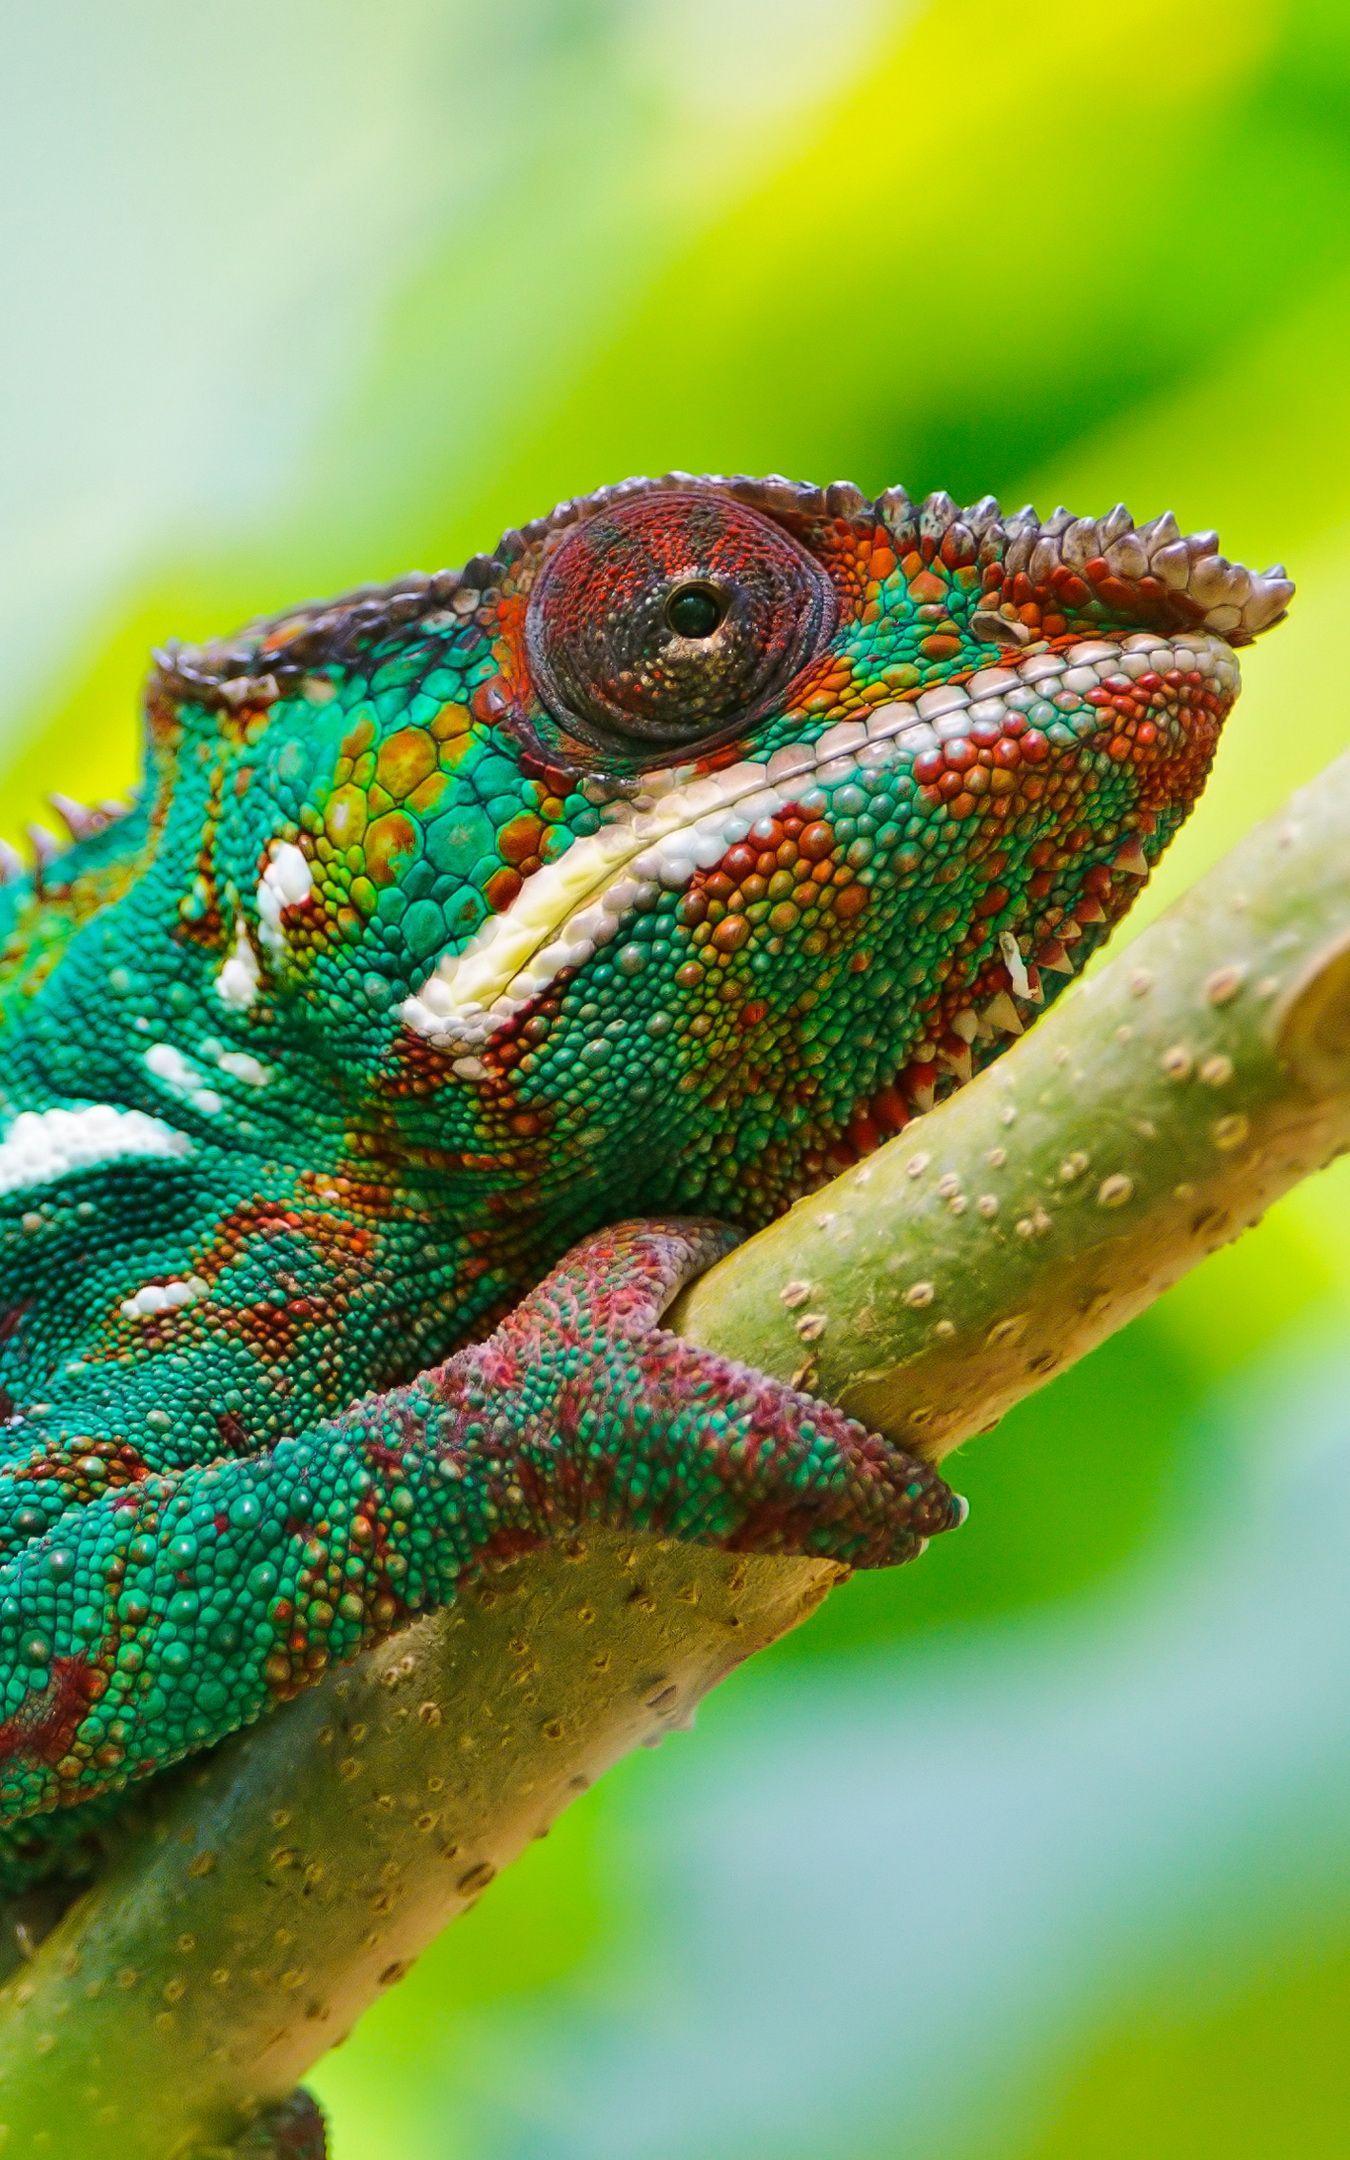 4k chameleon wallpapers  top free 4k chameleon